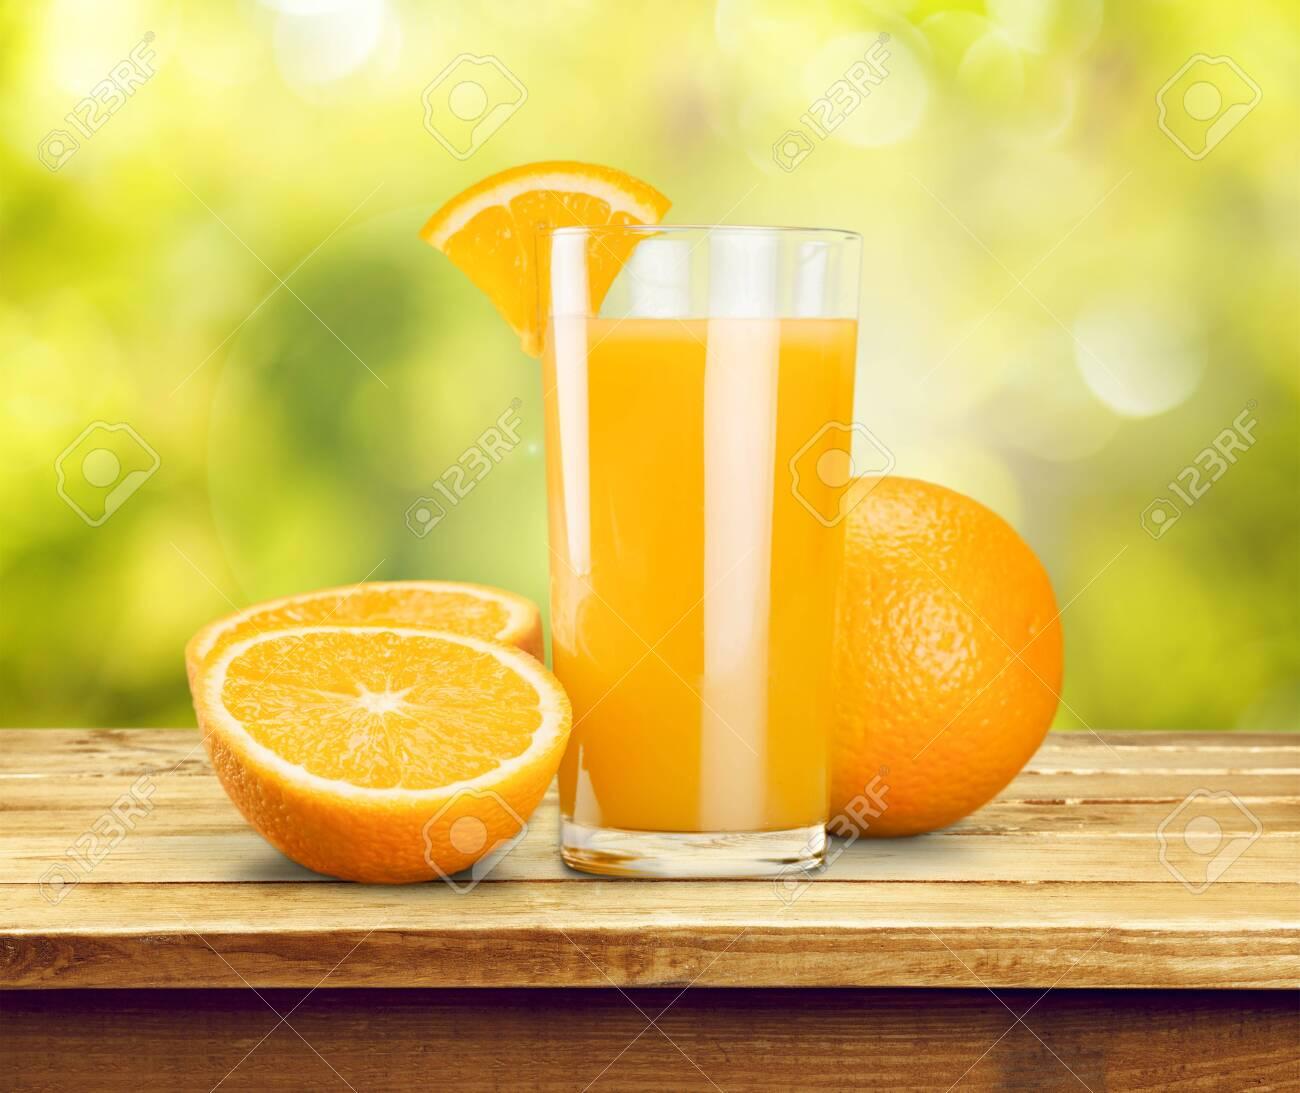 Orange juice and slices of orange on background - 127187070